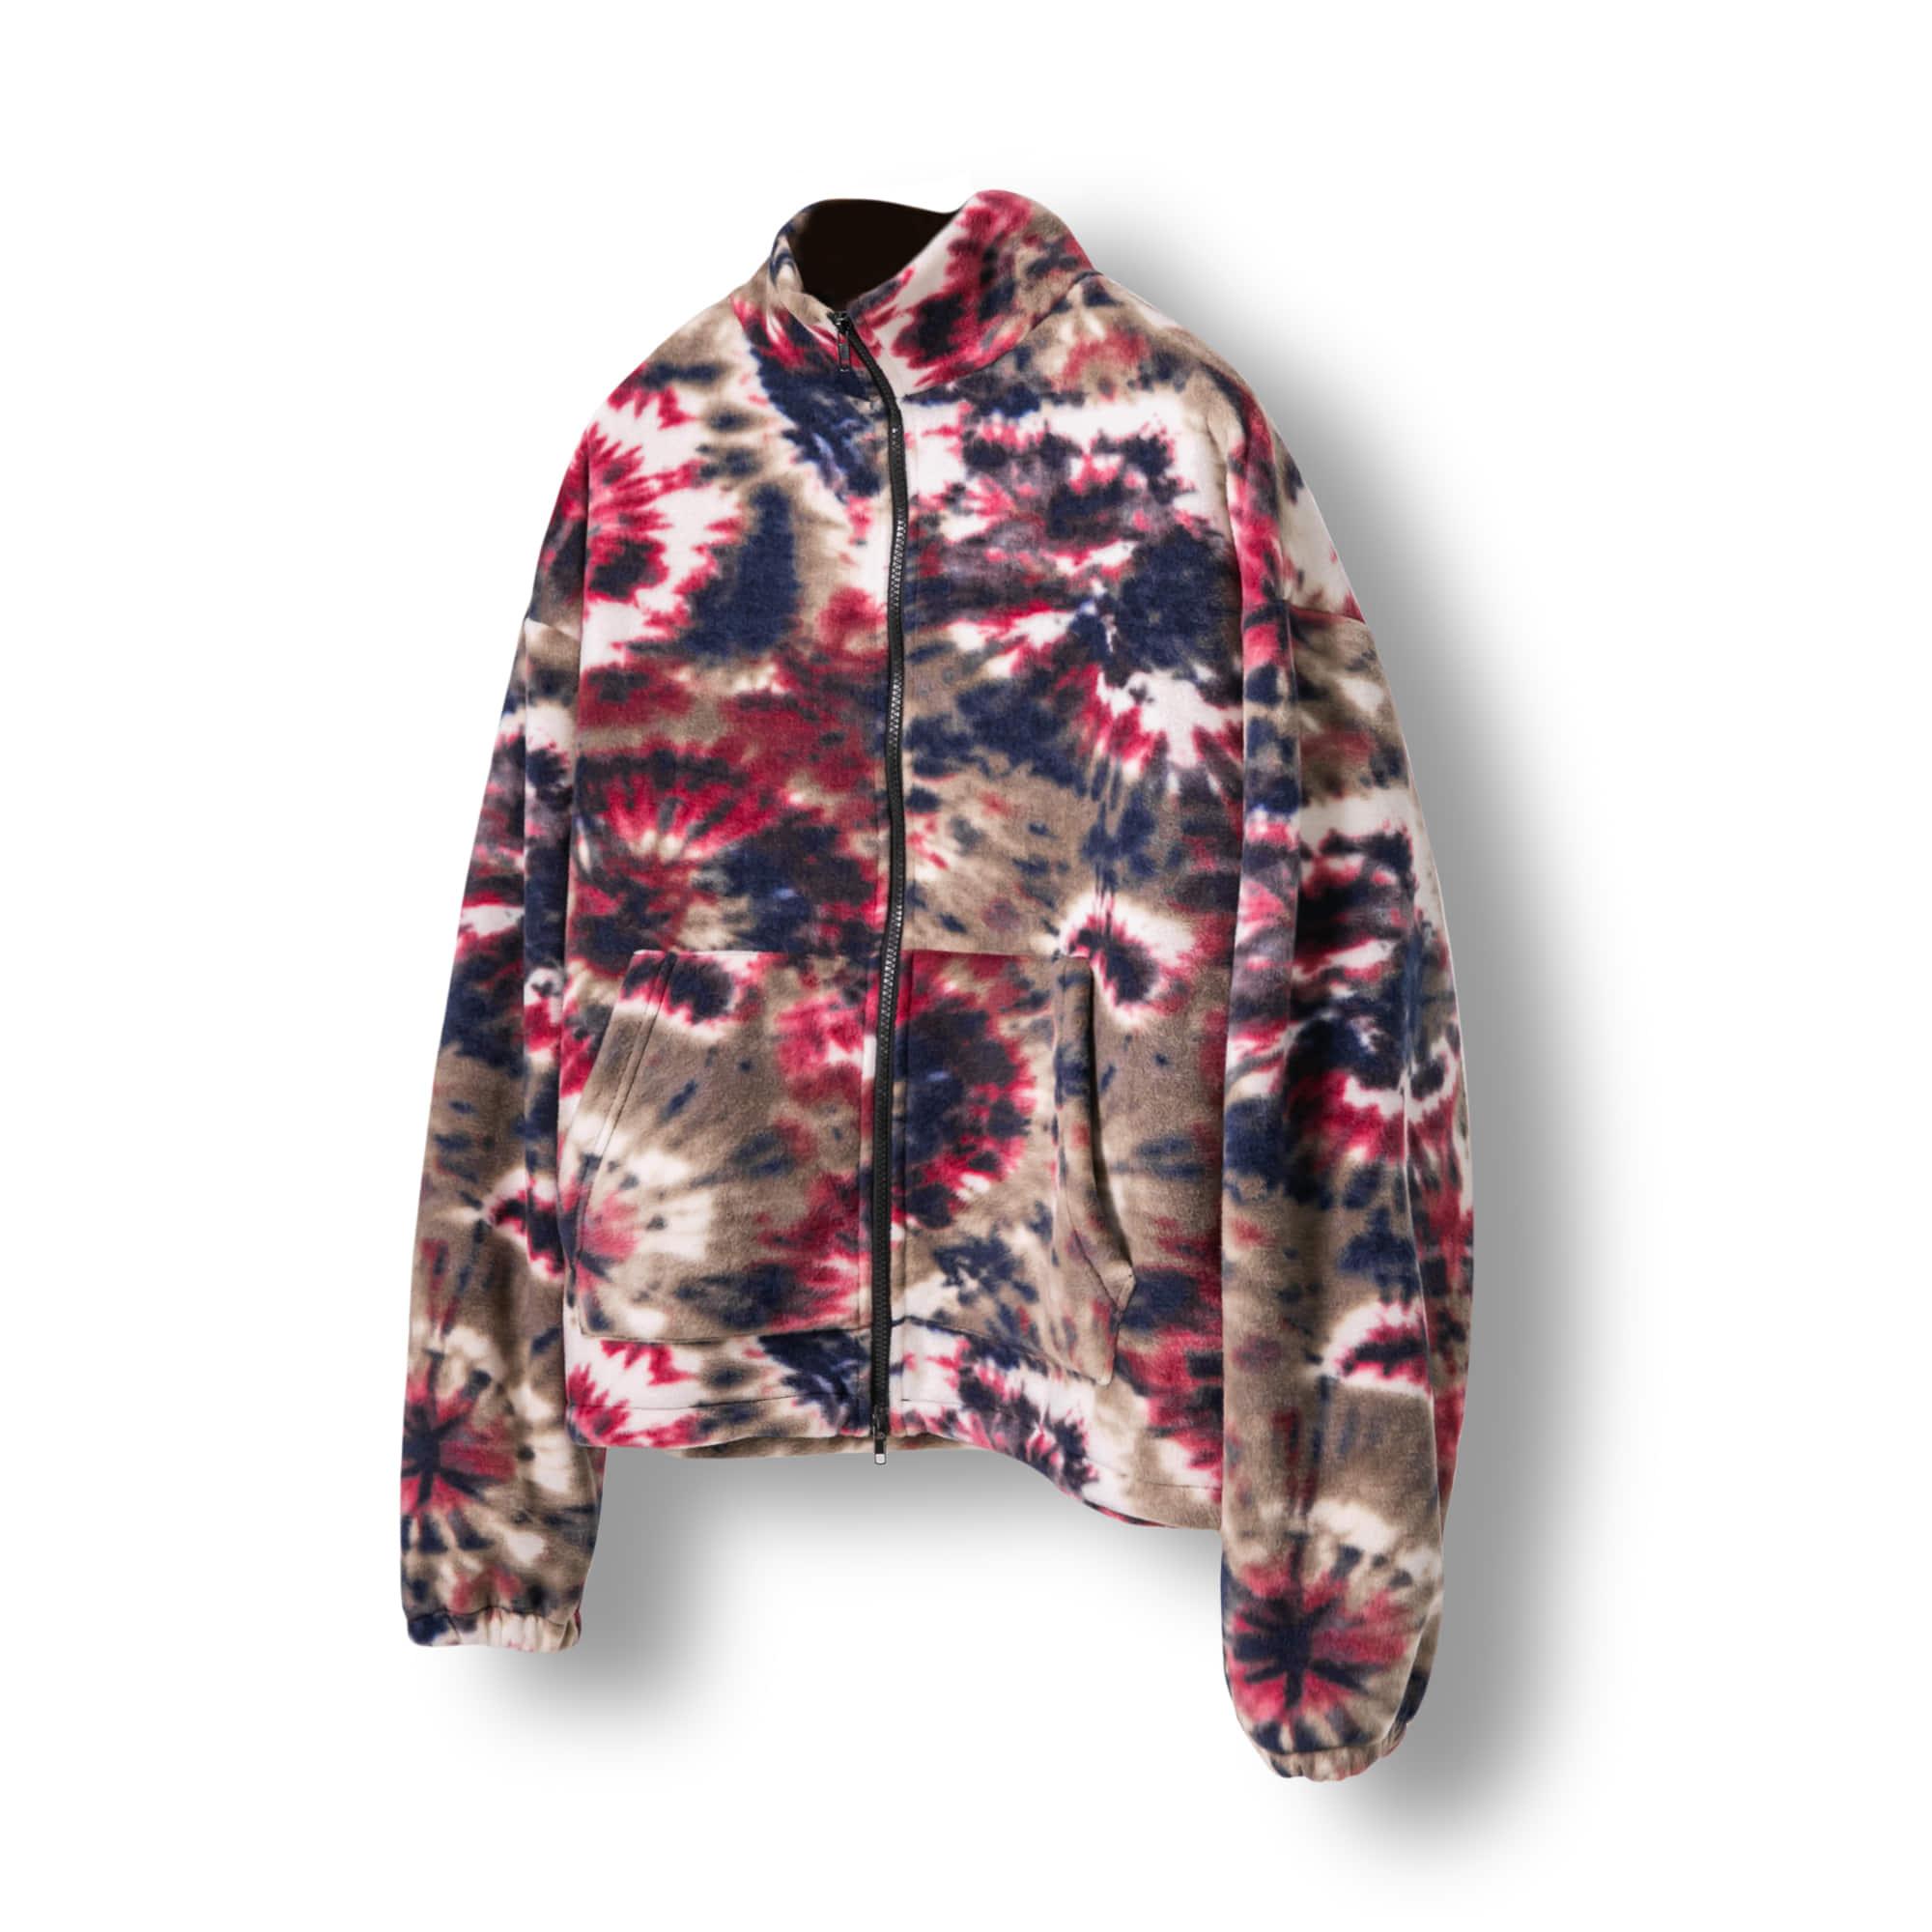 Tie-dye Polar Fleece Jacket - Burgundy